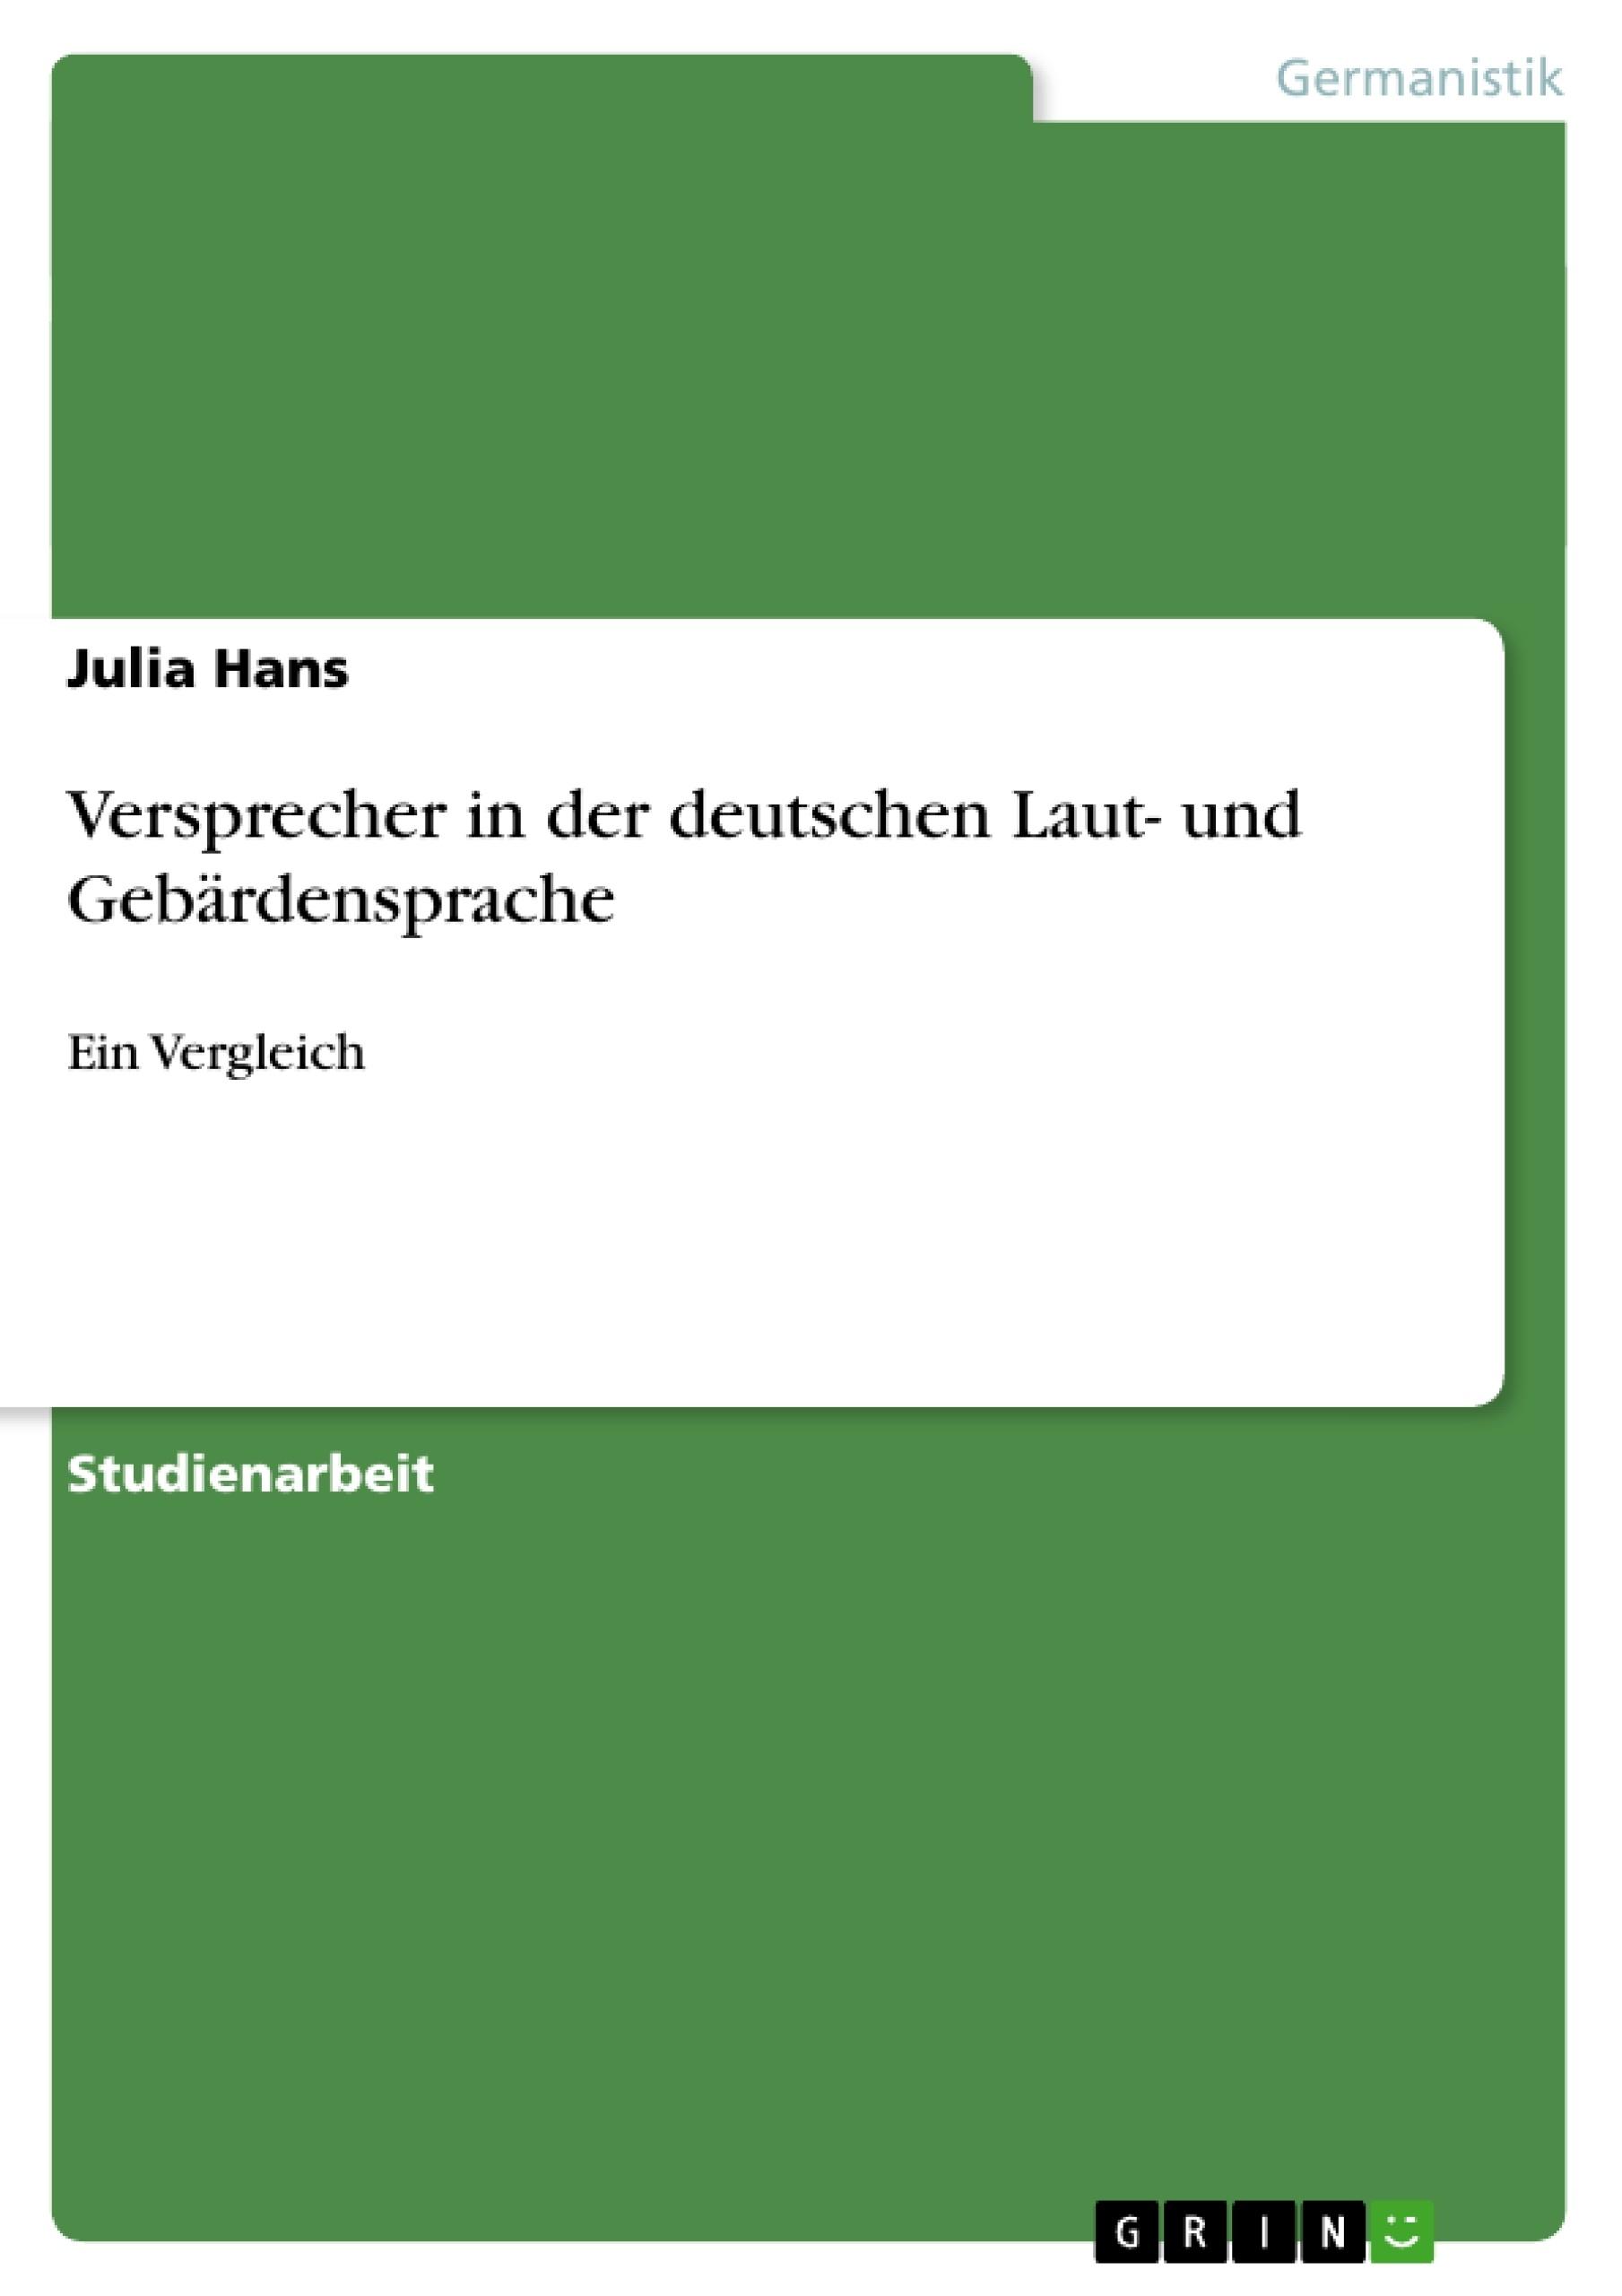 Titel: Versprecher in der deutschen Laut- und Gebärdensprache